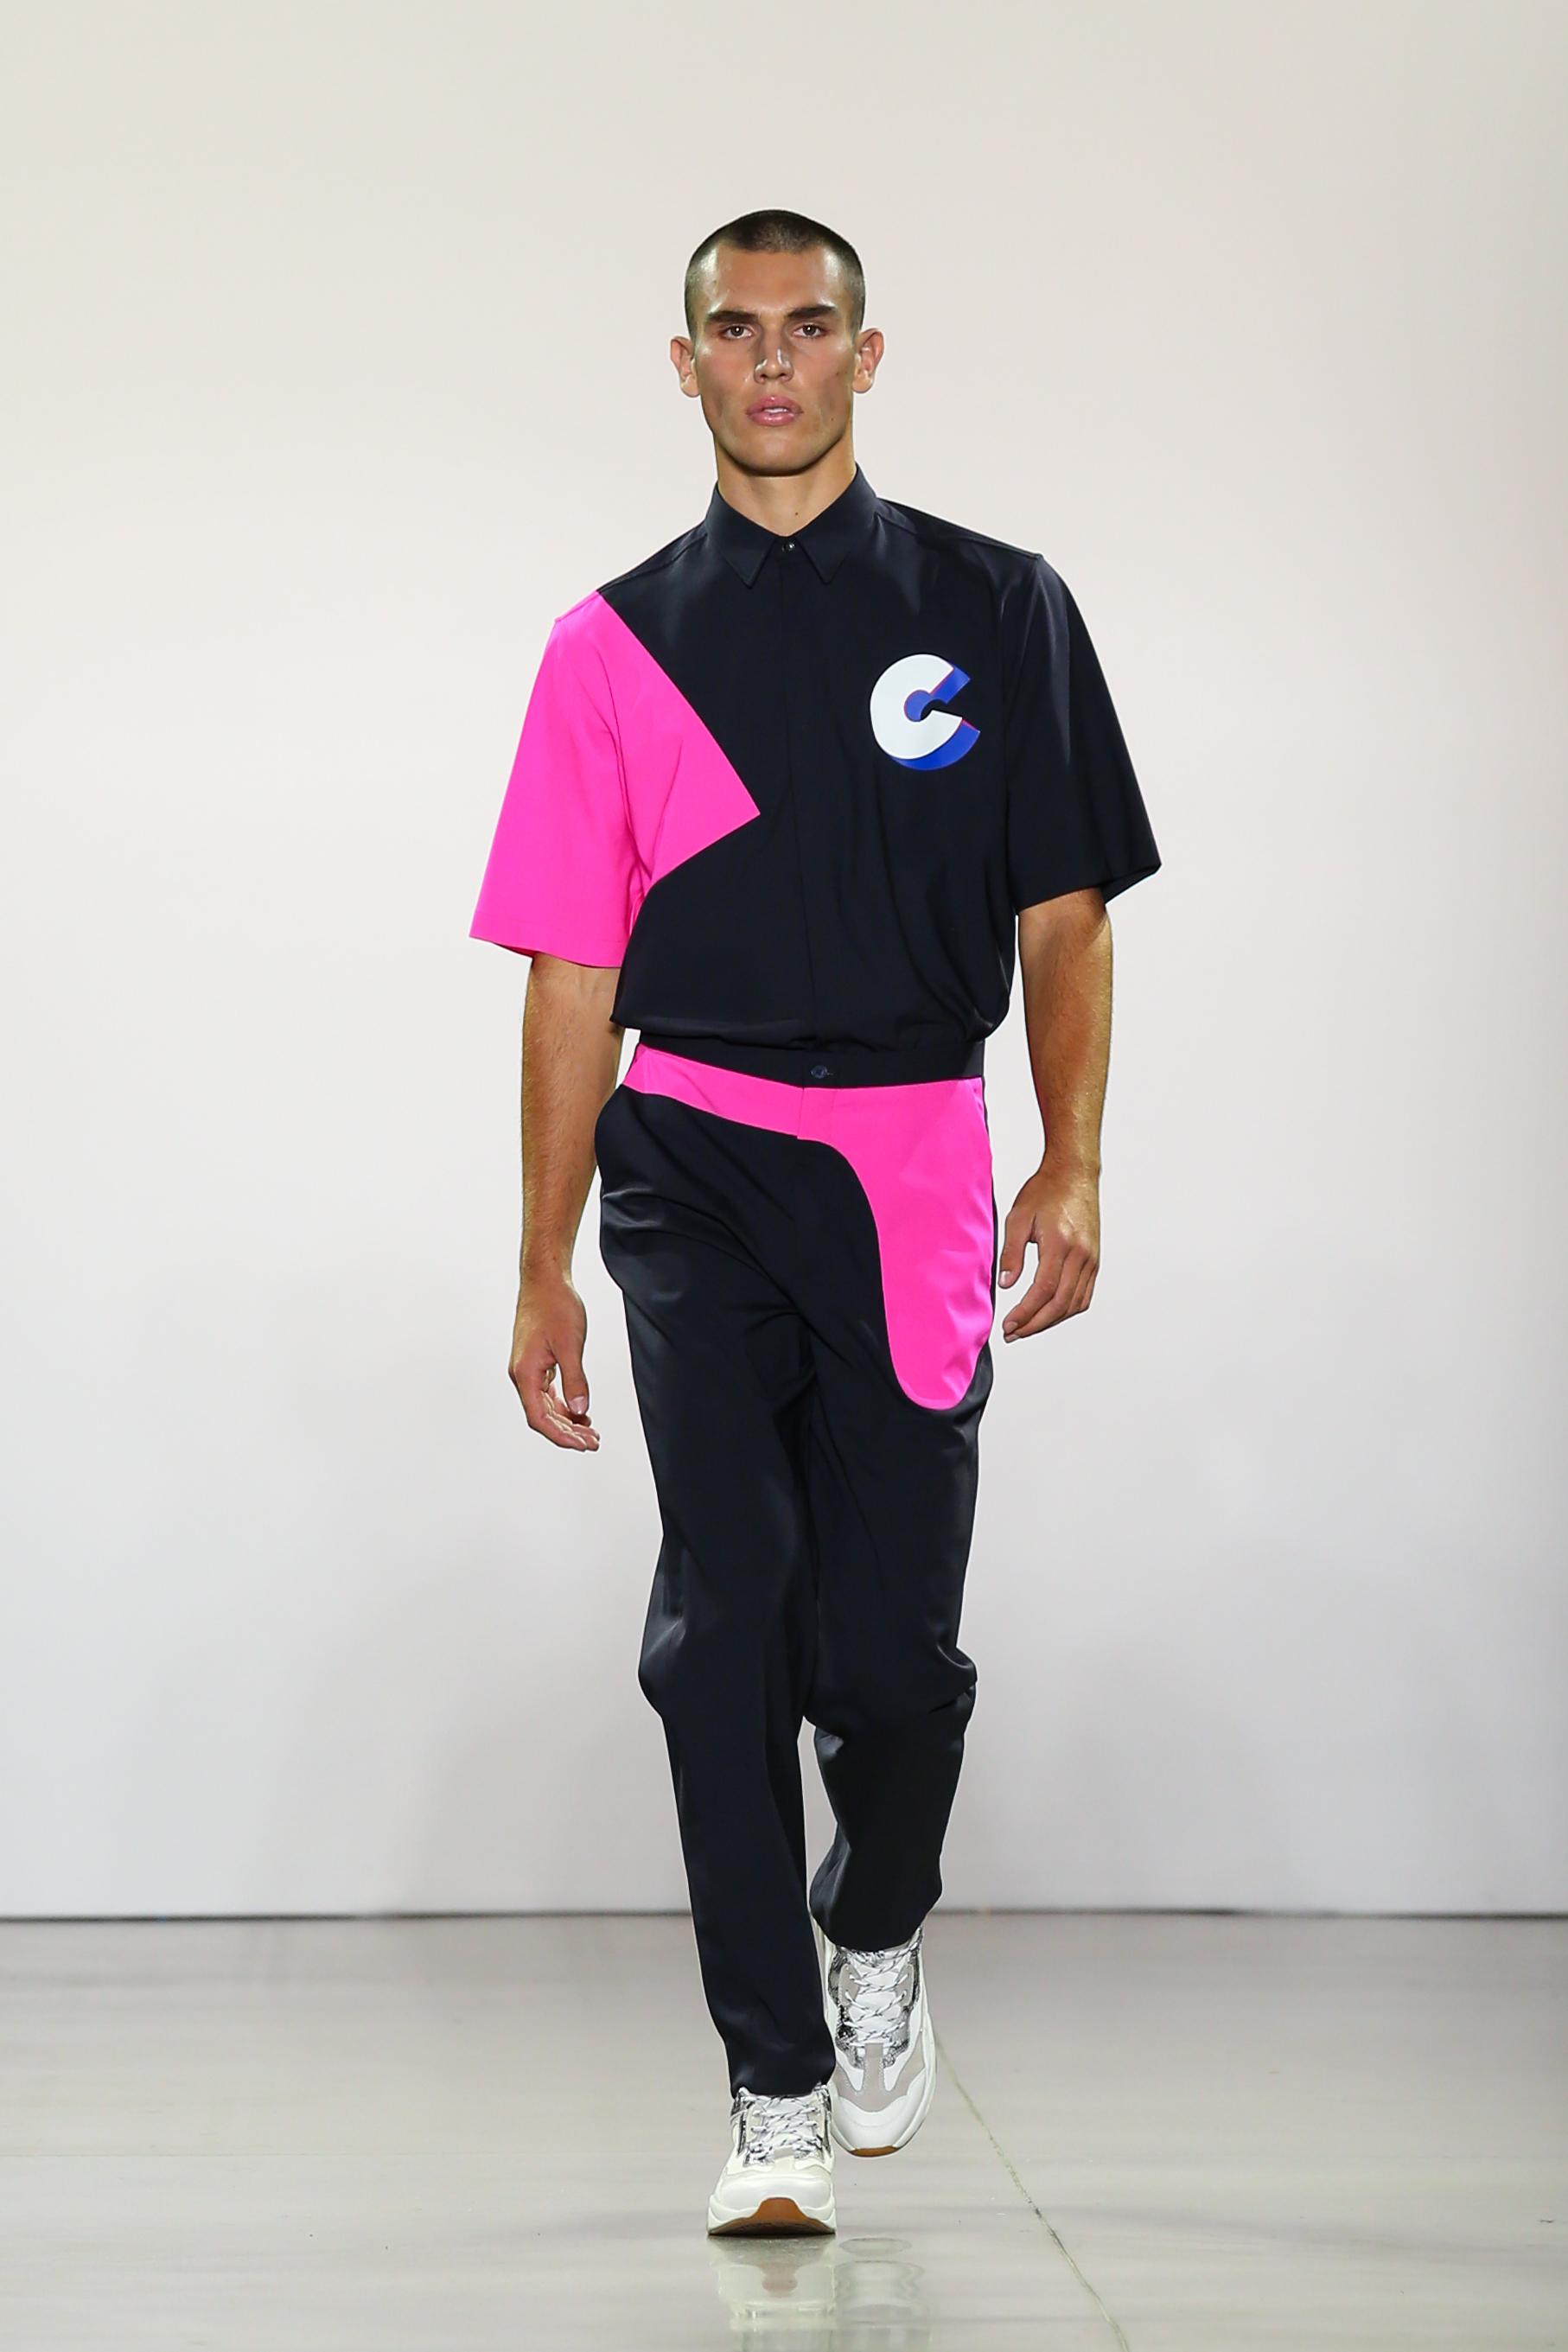 Carlos Campos Men's Spring 2020